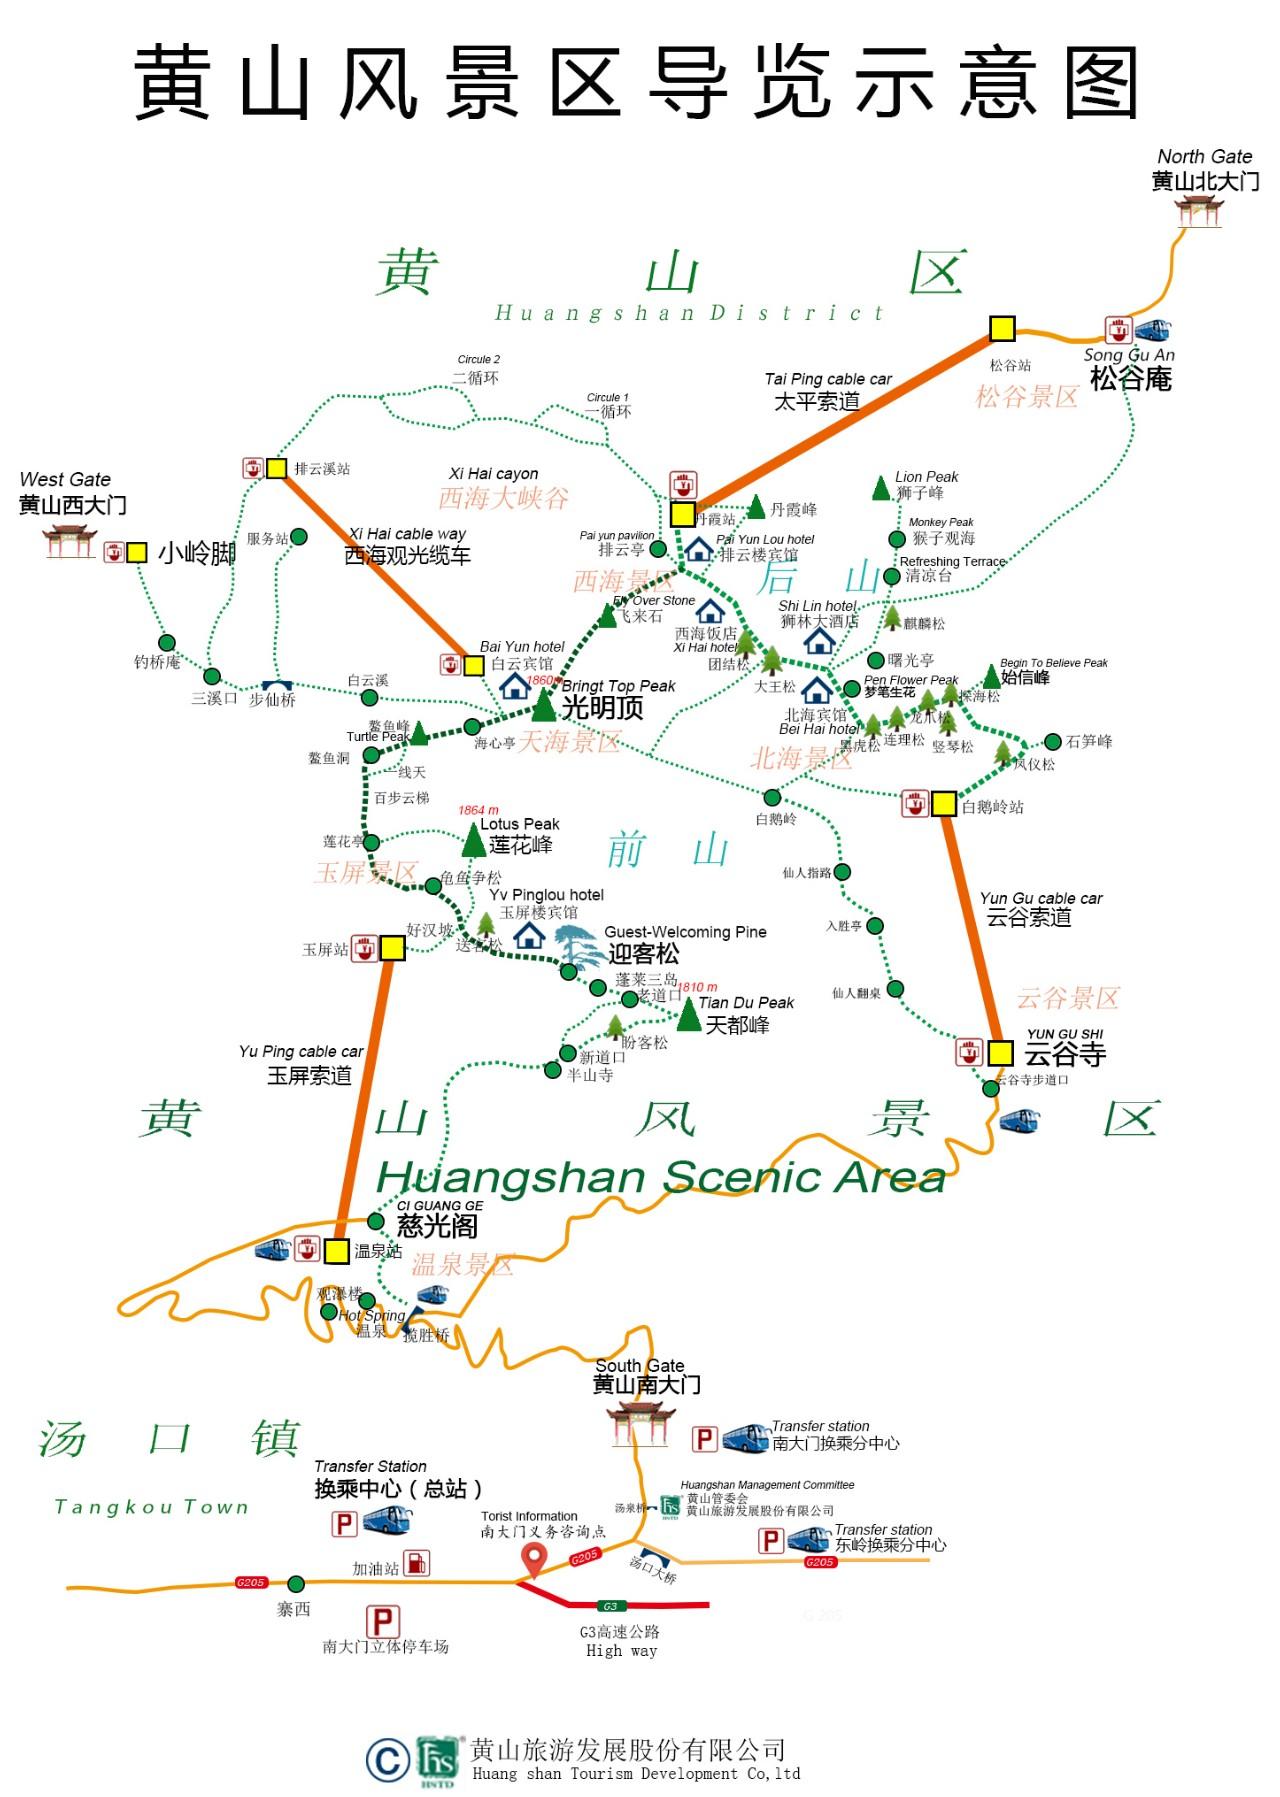 黄山导游图 最新更新黄山景区游览示意图